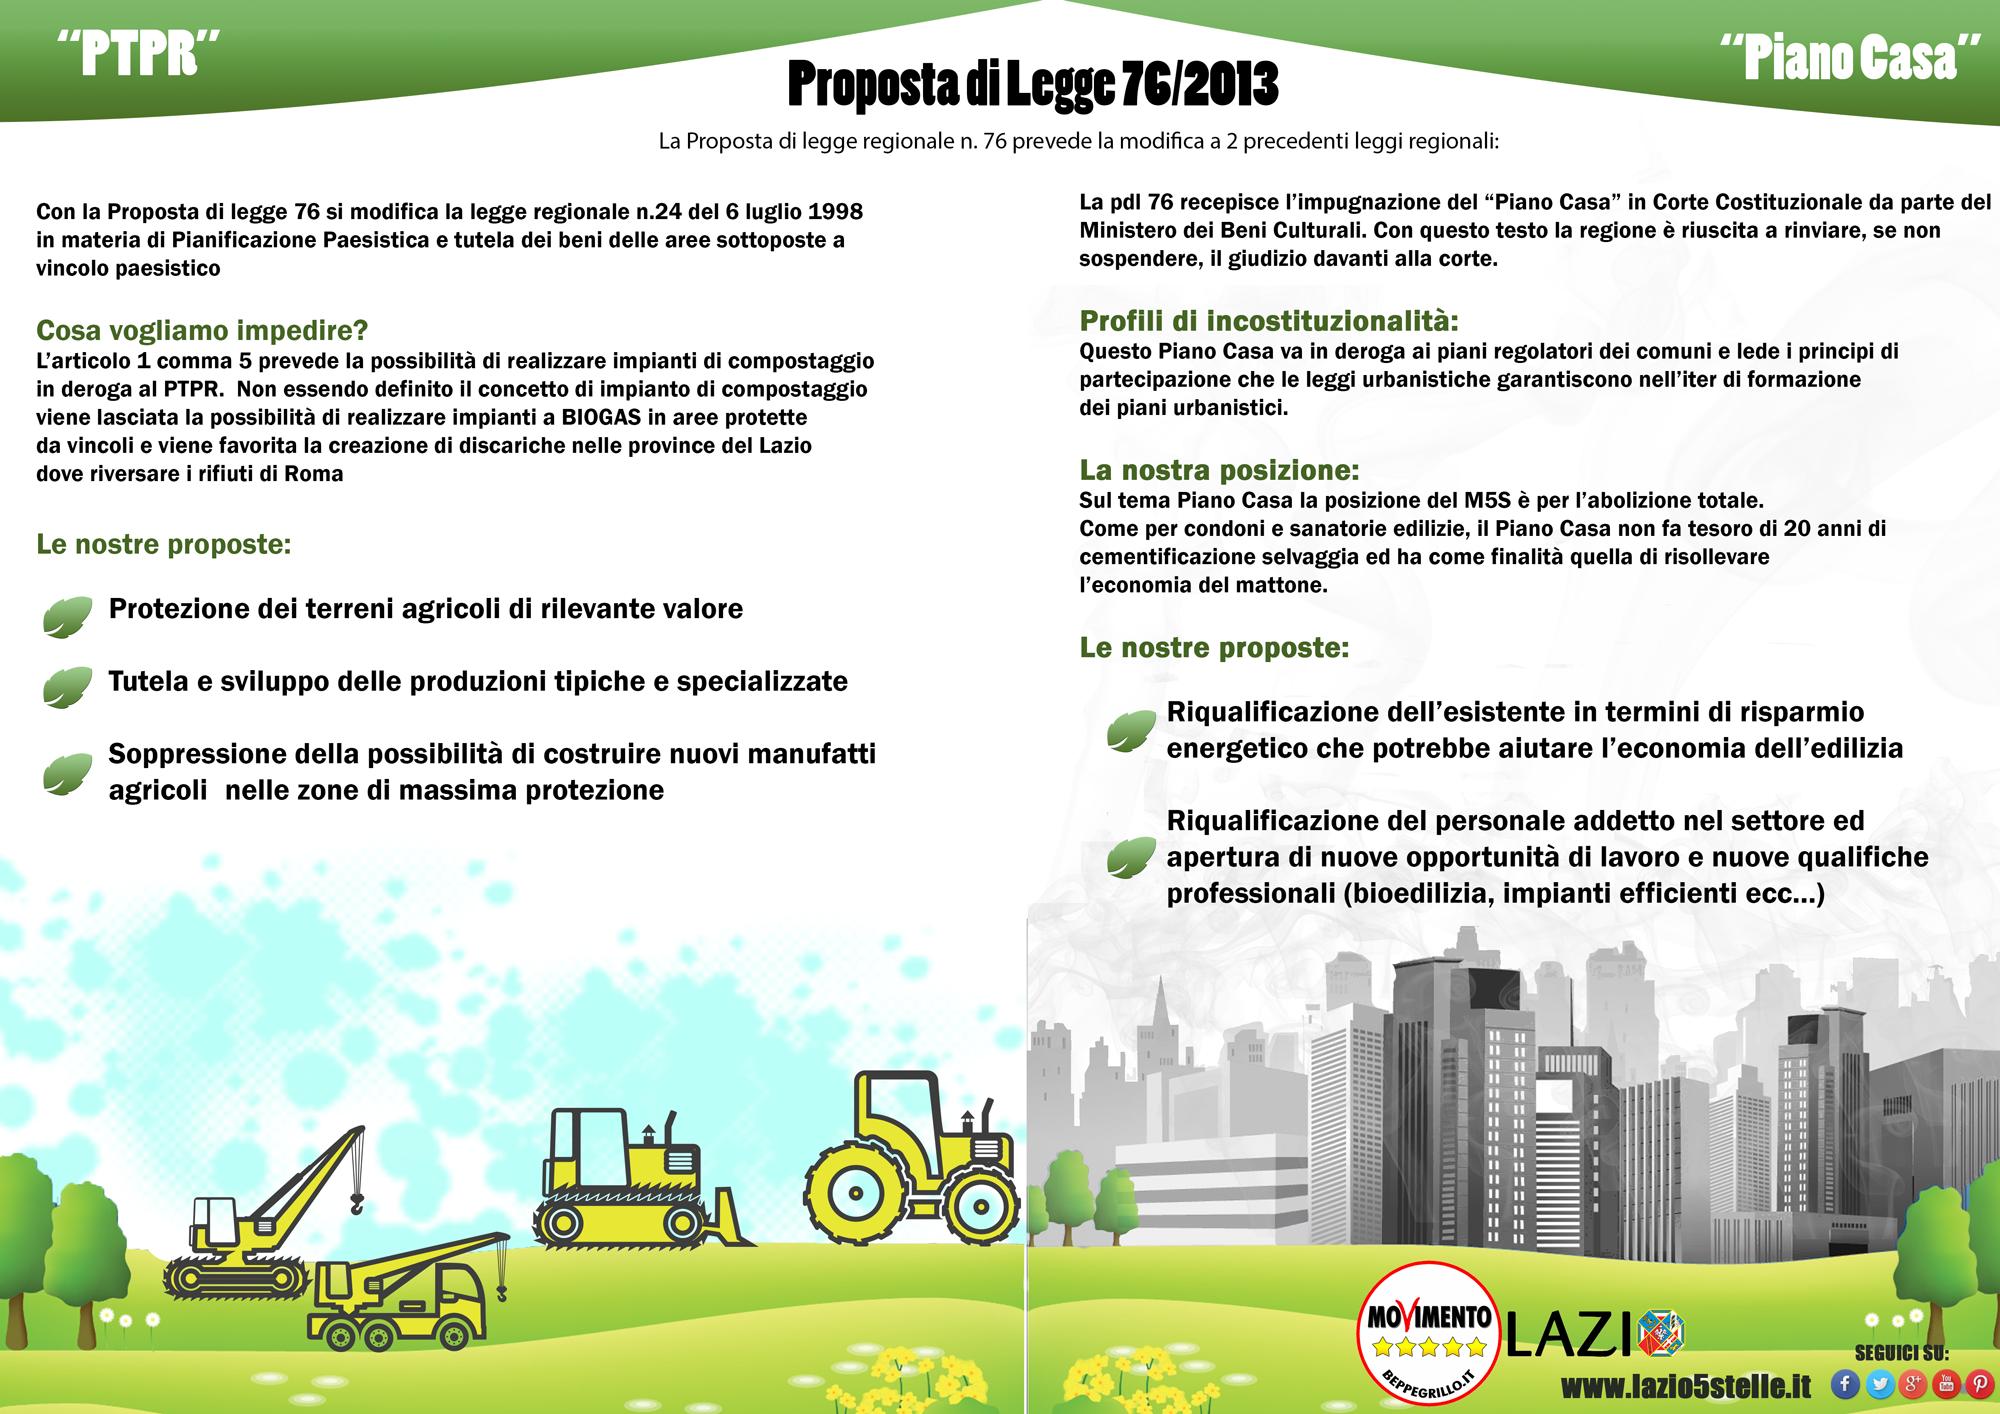 La legge 76 per la tutela del territorio e piano casa - Legge piano casa ...